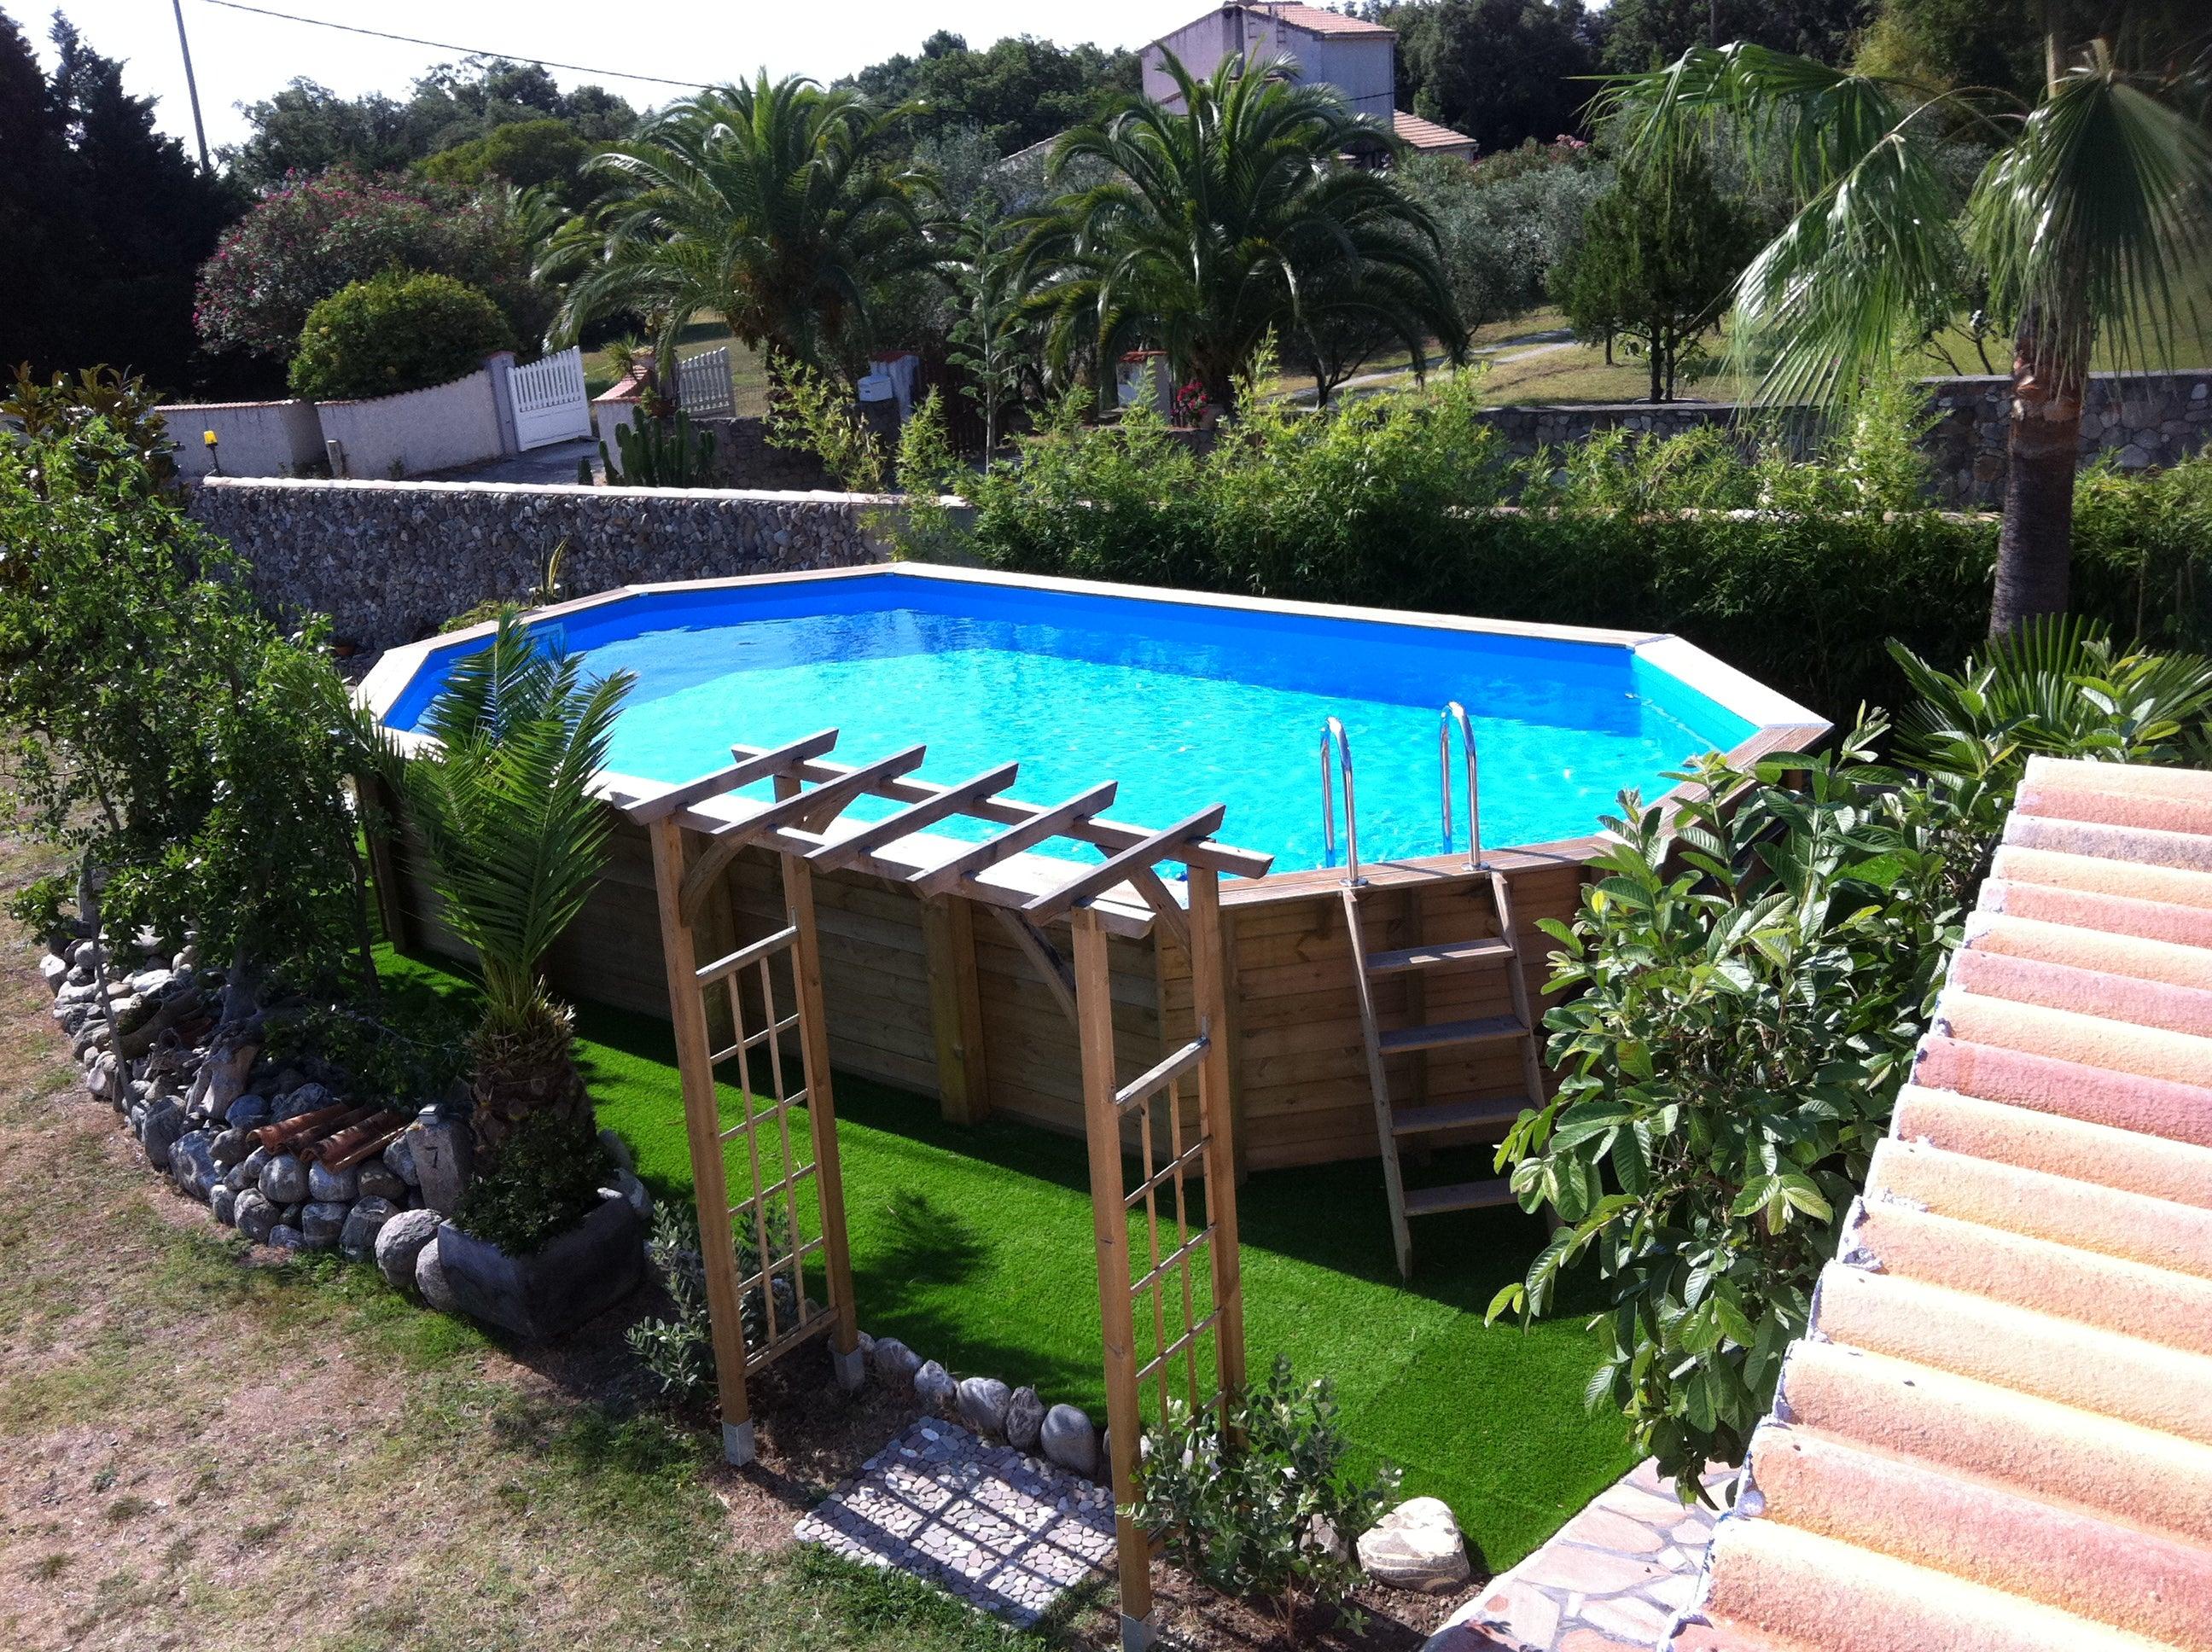 piscine hors sol ouessant 470x860 h130cm bleu ubbink octogonale x l moins de 5